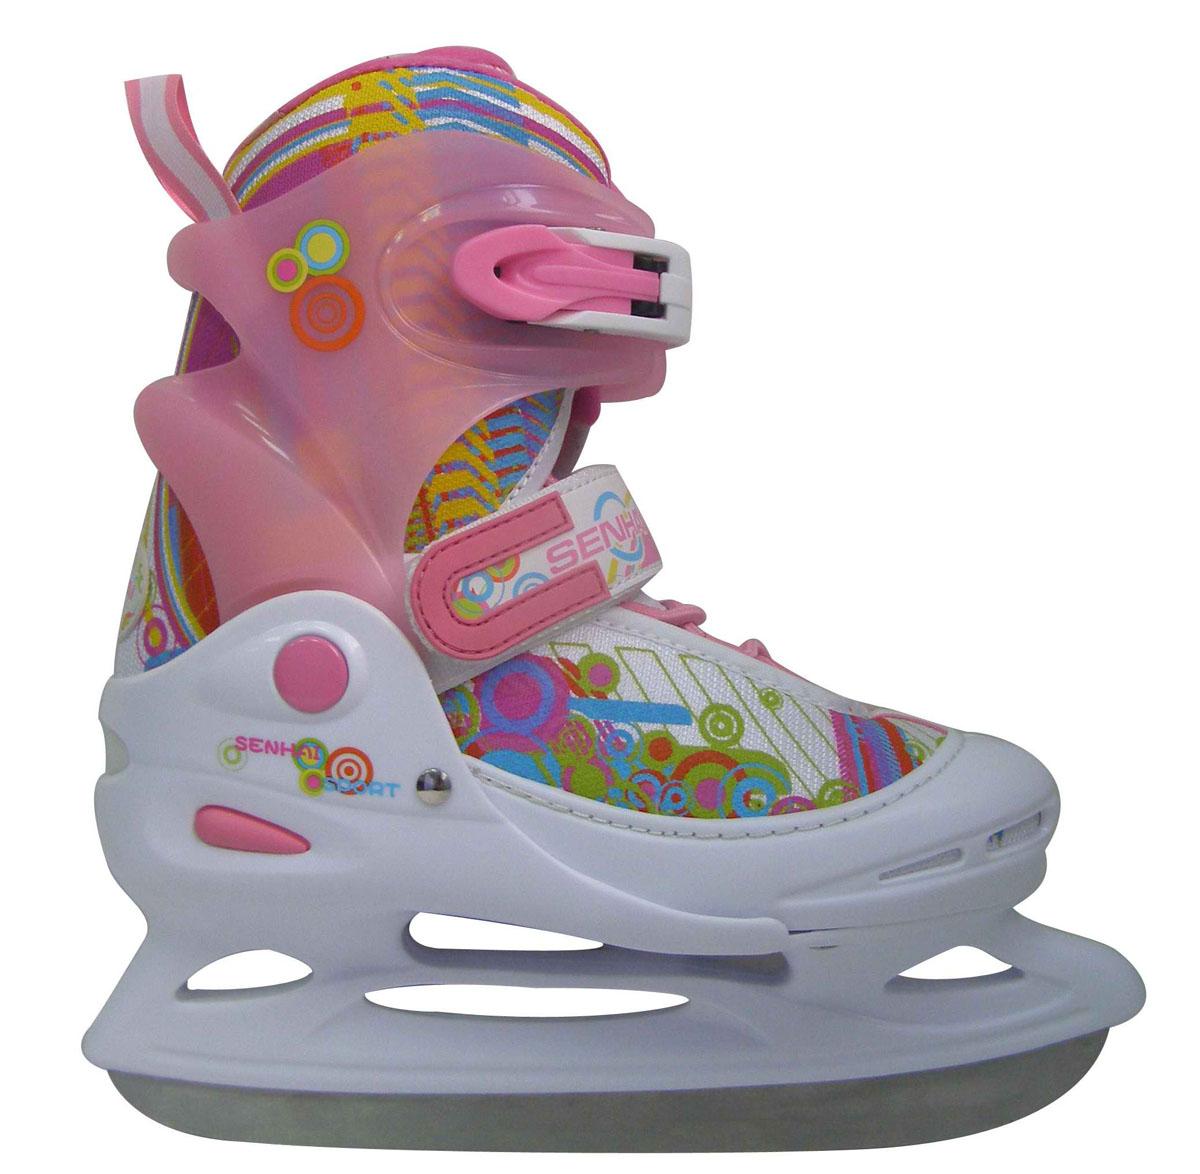 Коньки ледовые женские Action, раздвижные, цвет: белый, розовый, голубой. PW-111. Размер 38/41 роликовые коньки action pw 120p m 35 38 pink